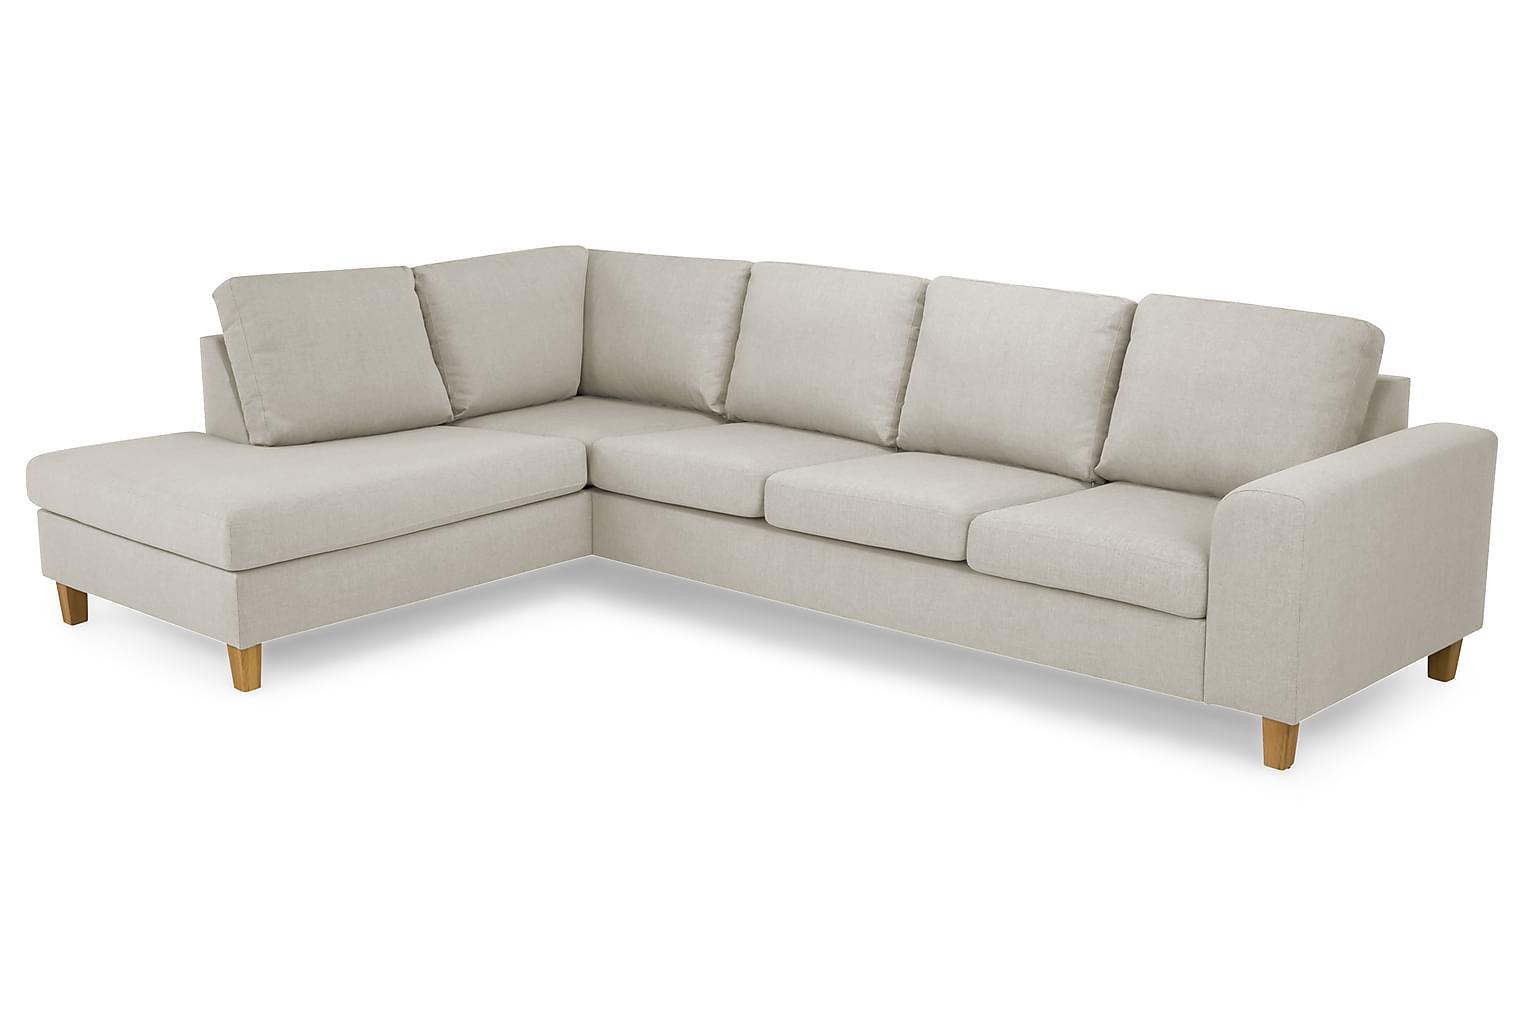 TURIN L-soffa 3-sits Vänster Beige/Ekben -